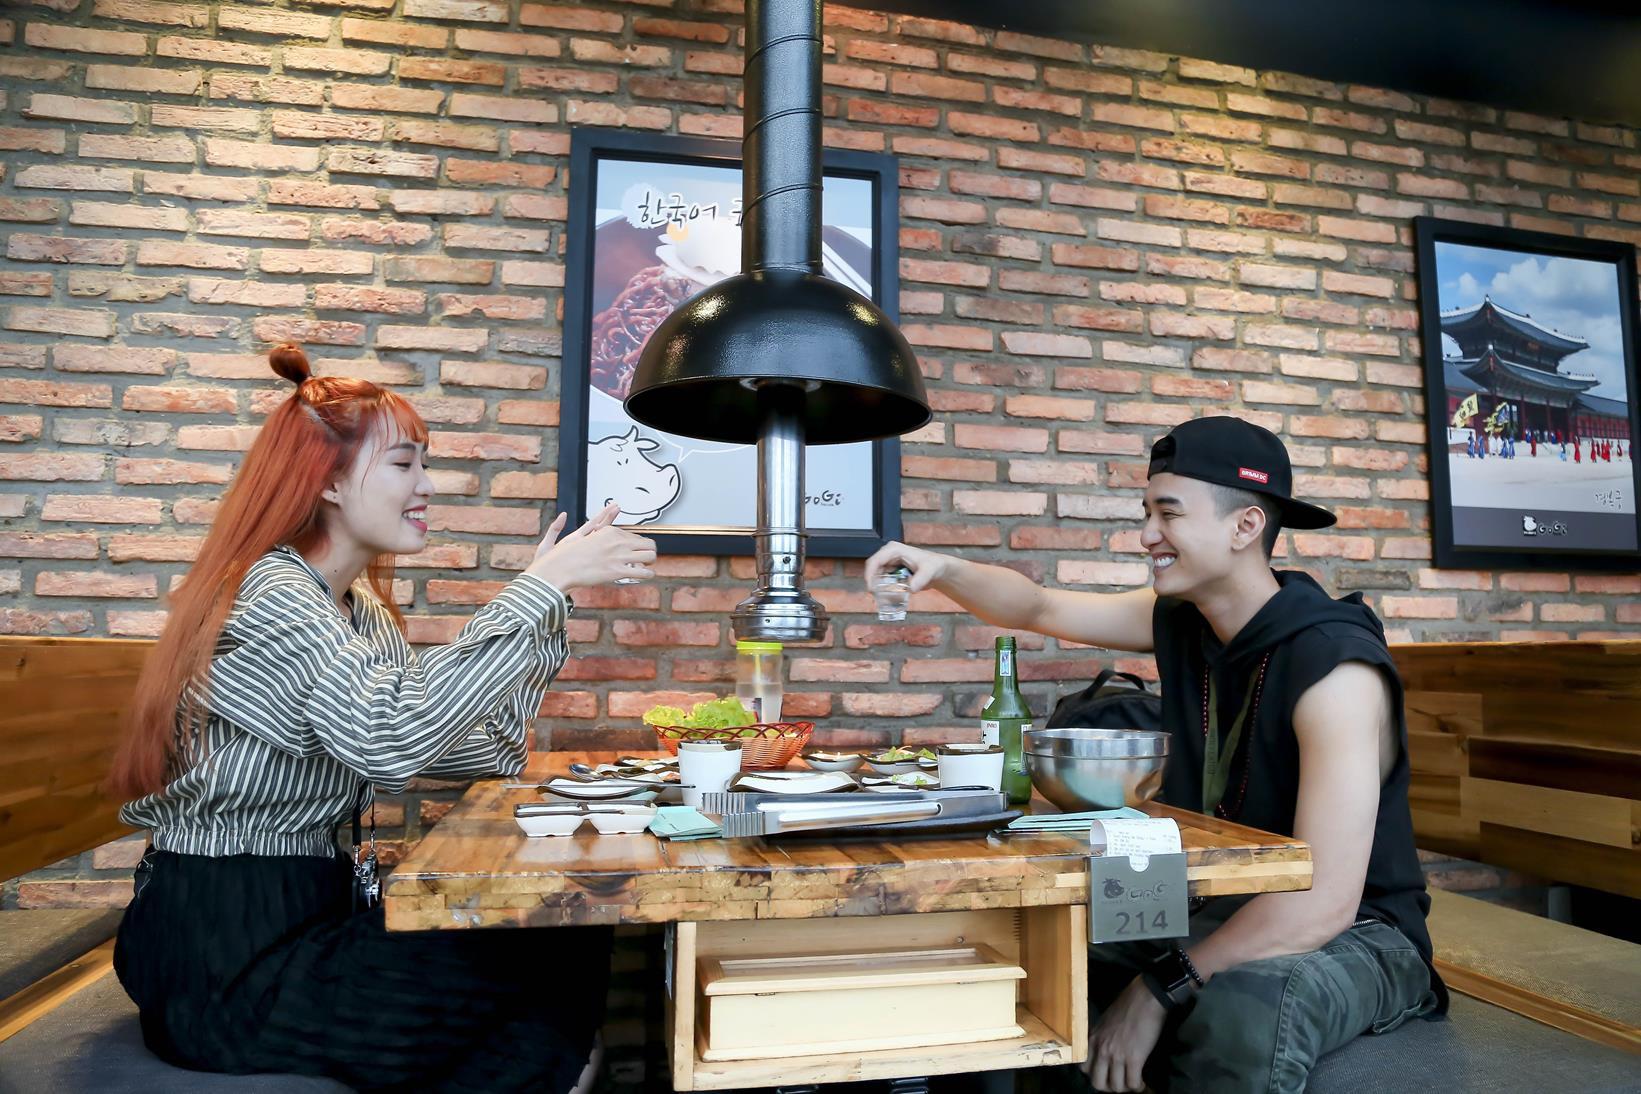 Vừa mới công khai bạn gái, Huỳnh Anh đã vui vẻ đi ăn với người đẹp khác - Ảnh 3.